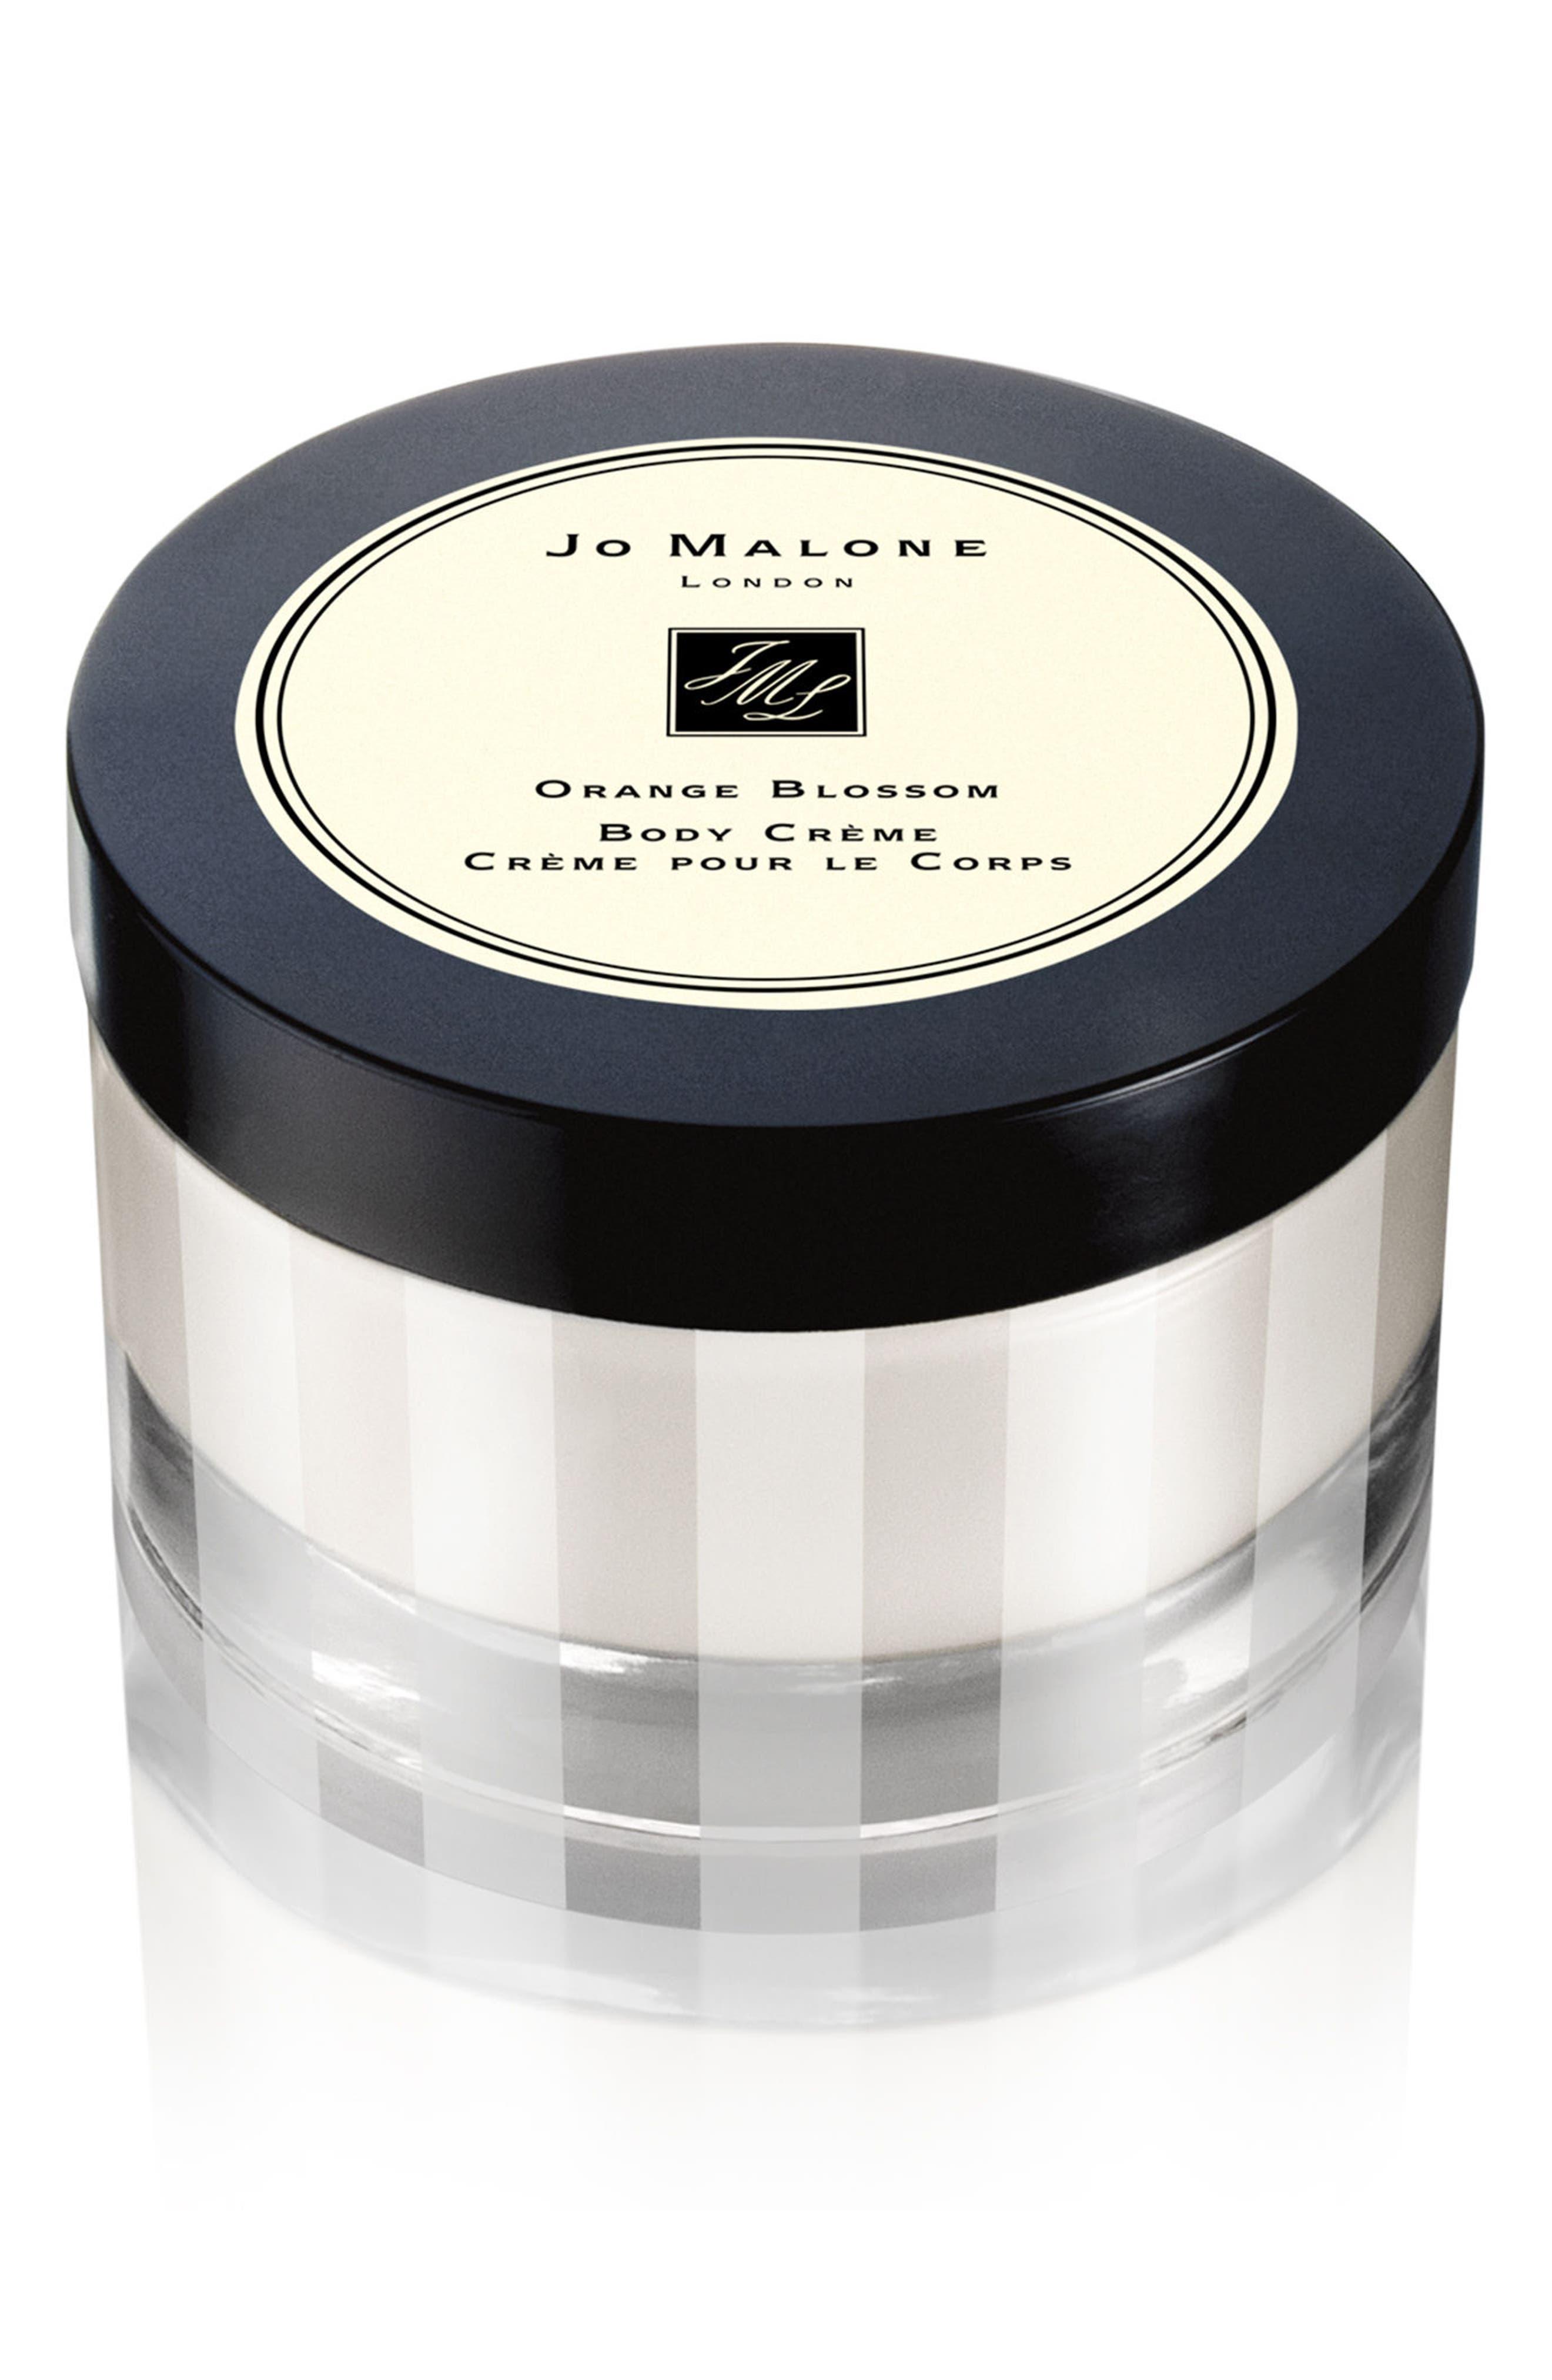 Jo Malone London™ 'Orange Blossom' Body Crème